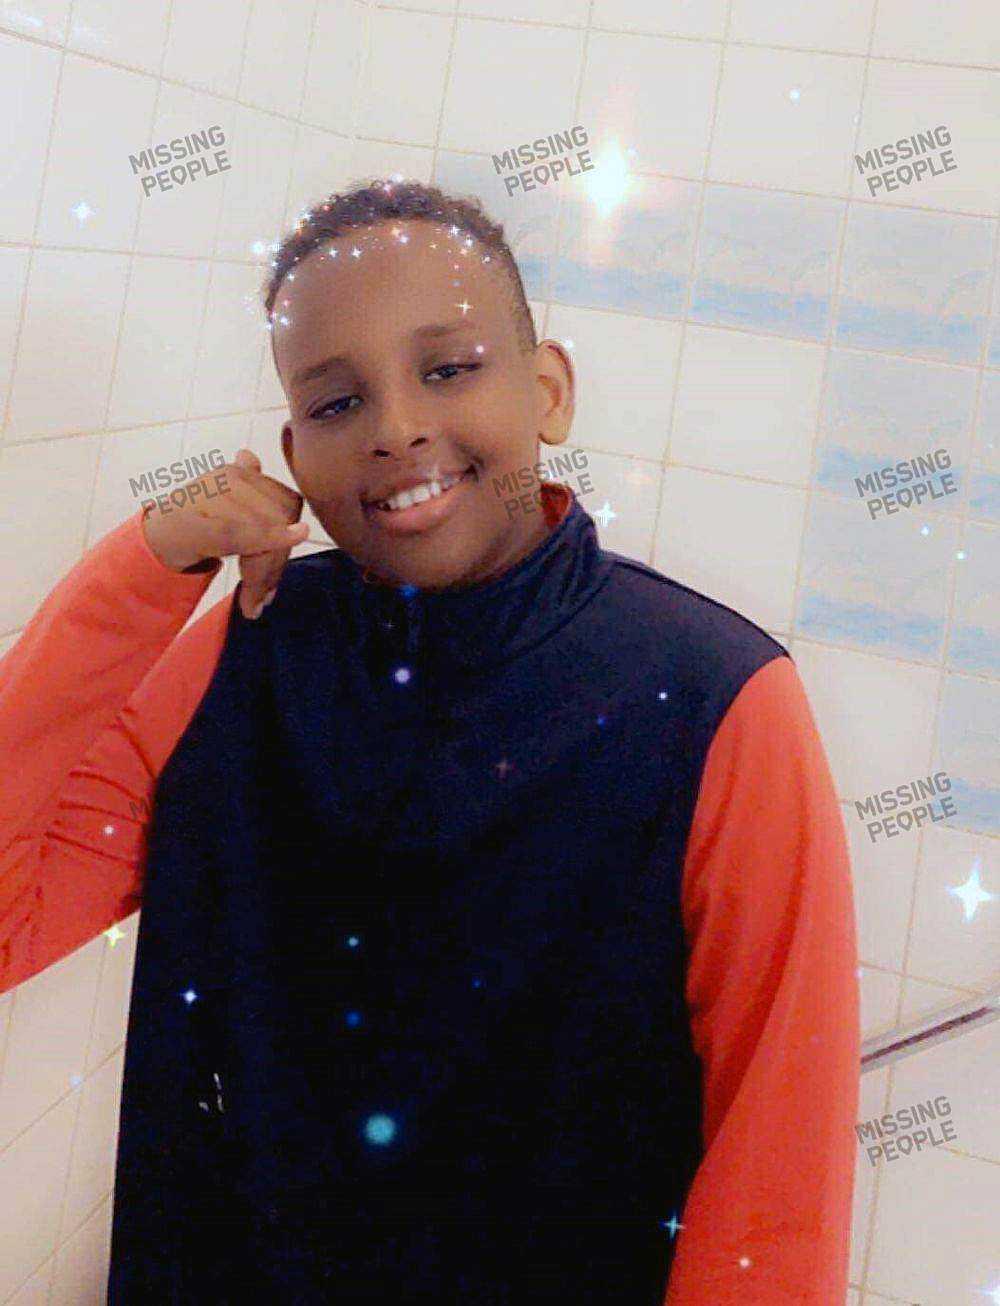 Mahmoud, 12, försvann på Värmdö och hittades död två dygn senare.